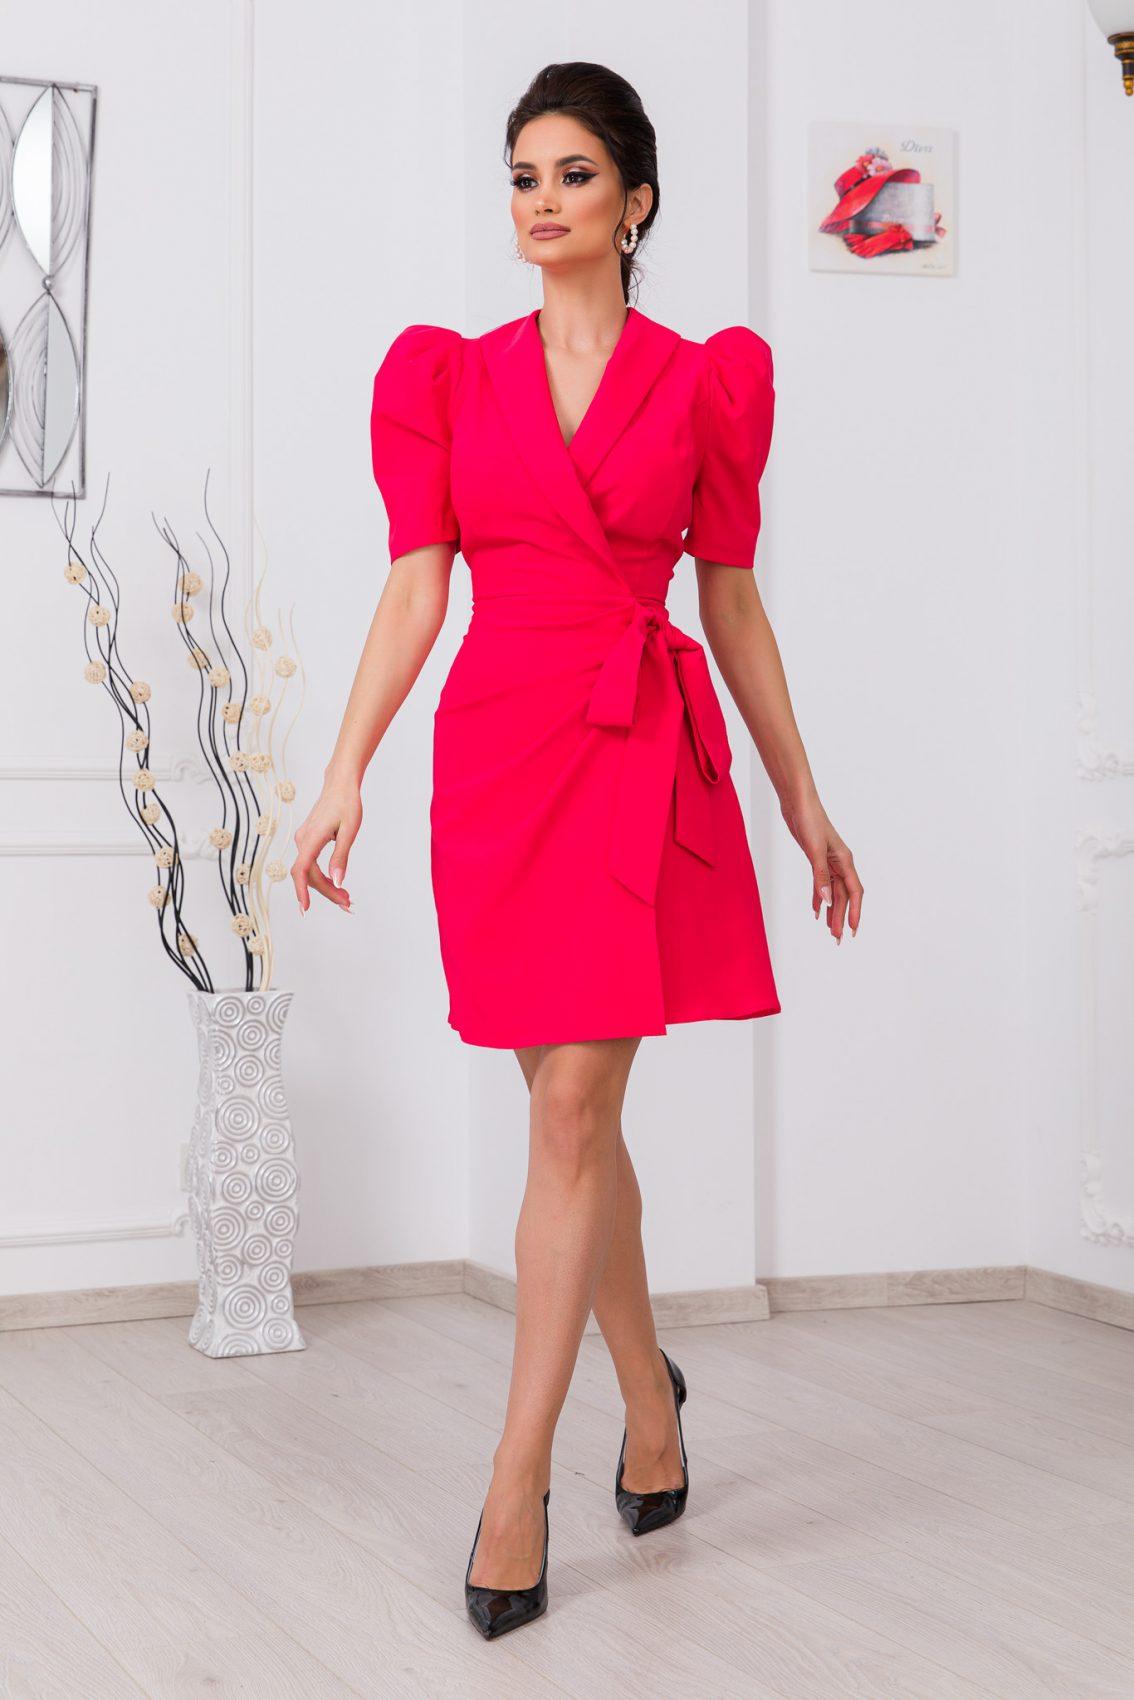 Κοραλί Κρουαζέ Φόρεμα Bredda 9775 1